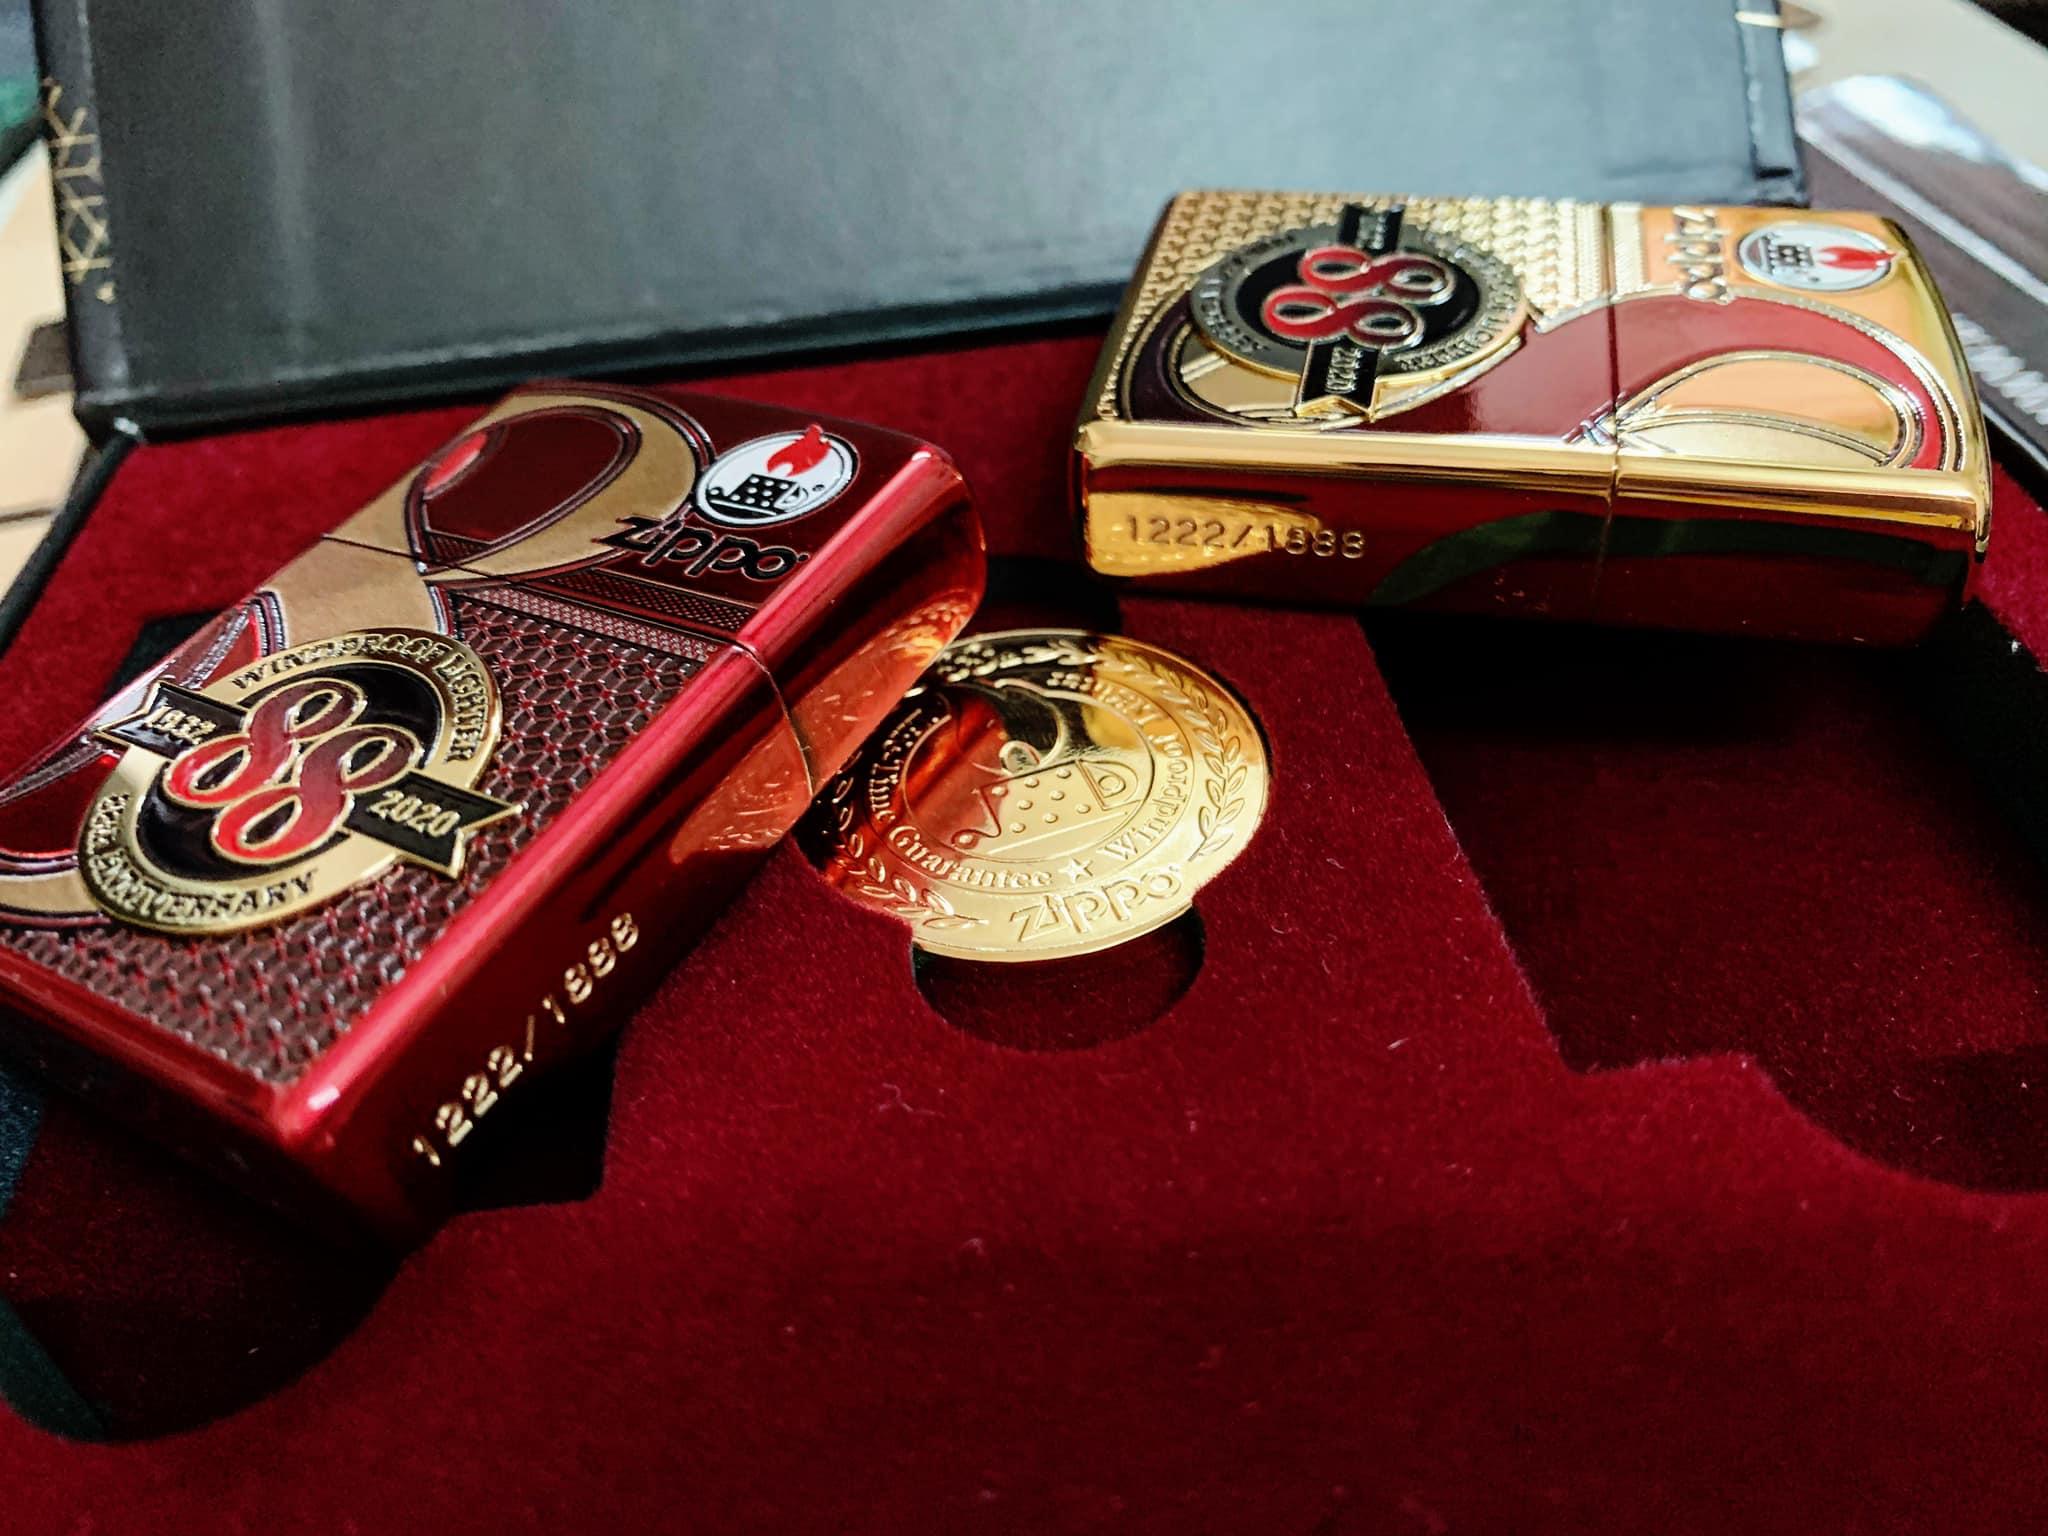 Zippo Edition Box Set 88Th Anniversary Asia Limited - Zippo Phiên Bản Giới Hạn Kỷ Niệm 88 Năm Ra Đời Bật Lửa Zippo - Zippo ZA-2-147C 48